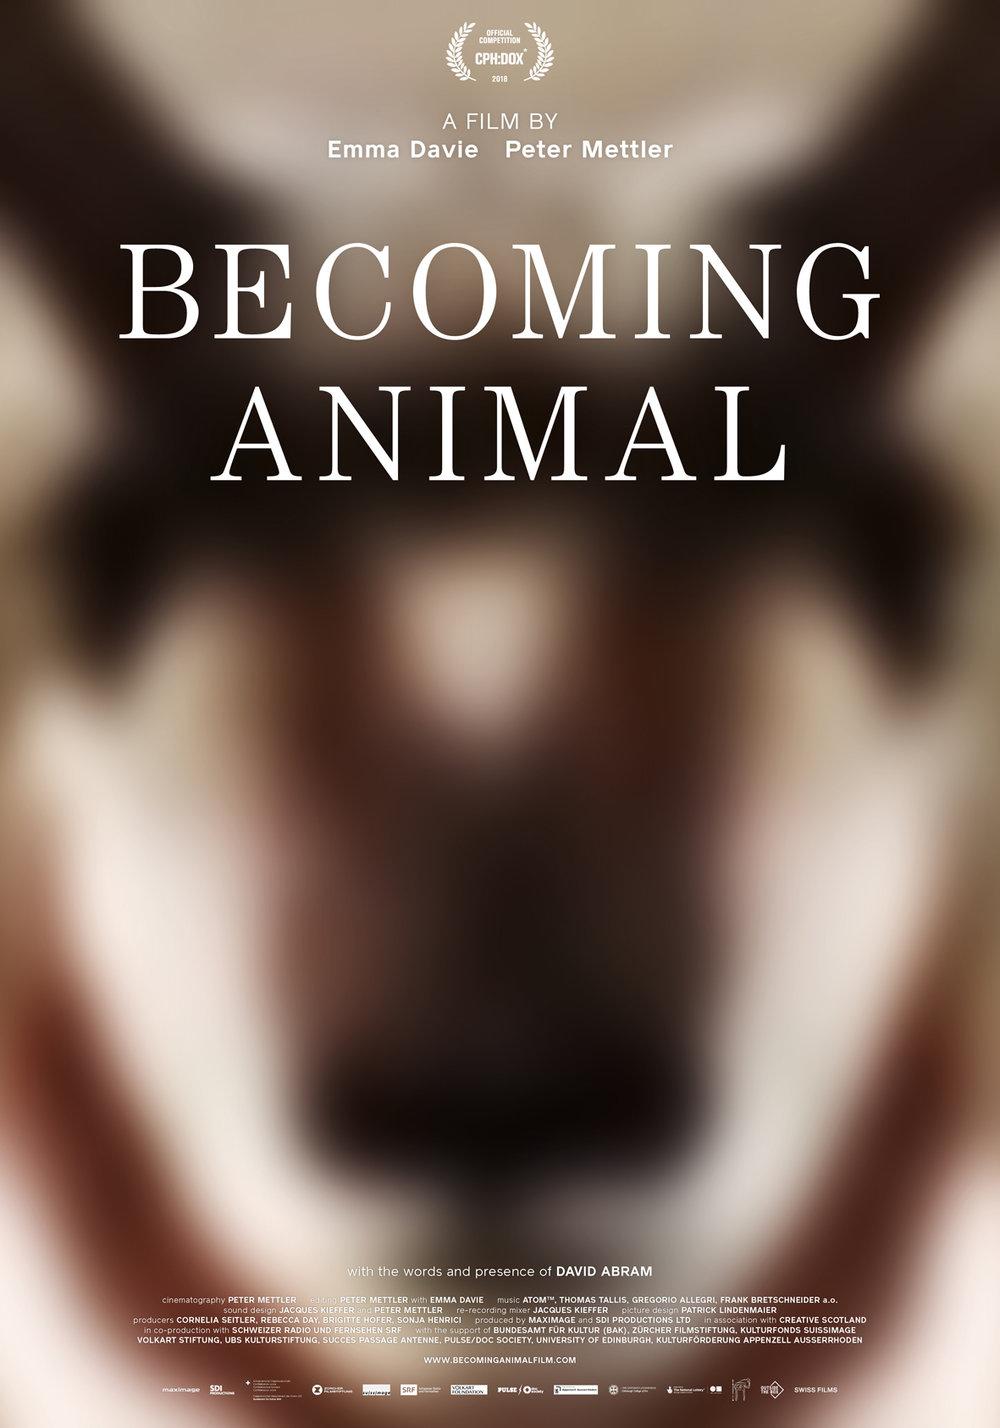 Becoming-Animal_Poster_Plot-100x70-V2-1.jpg